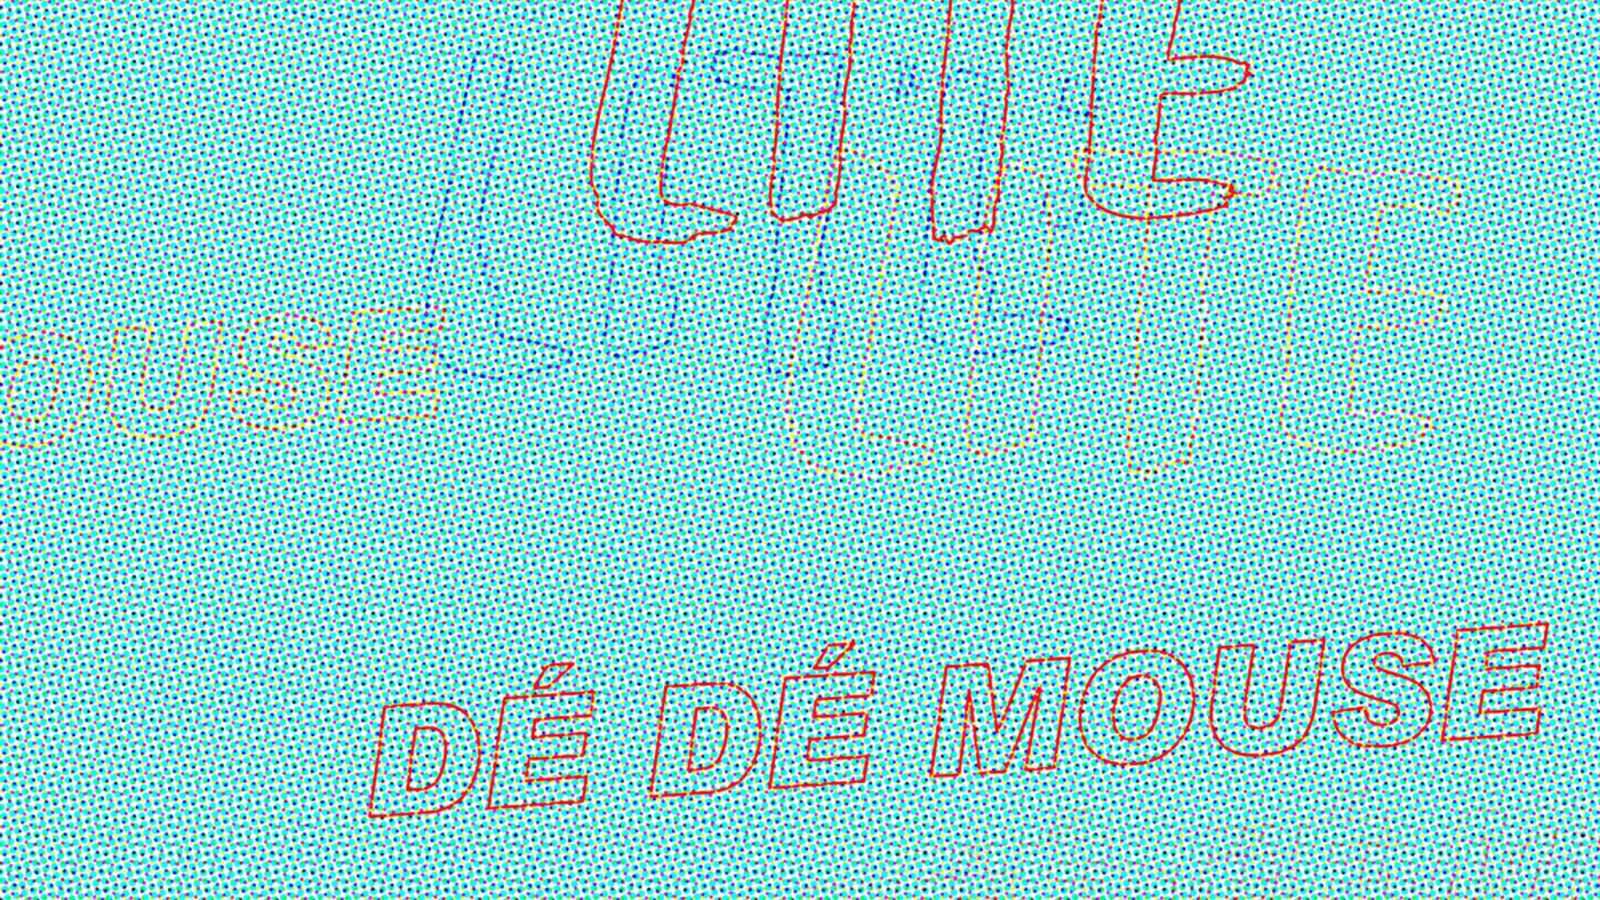 LITE and DÉ DÉ MOUSE Release Collaboration Single © LITE x DE DE MOUSE. All rights reserved.